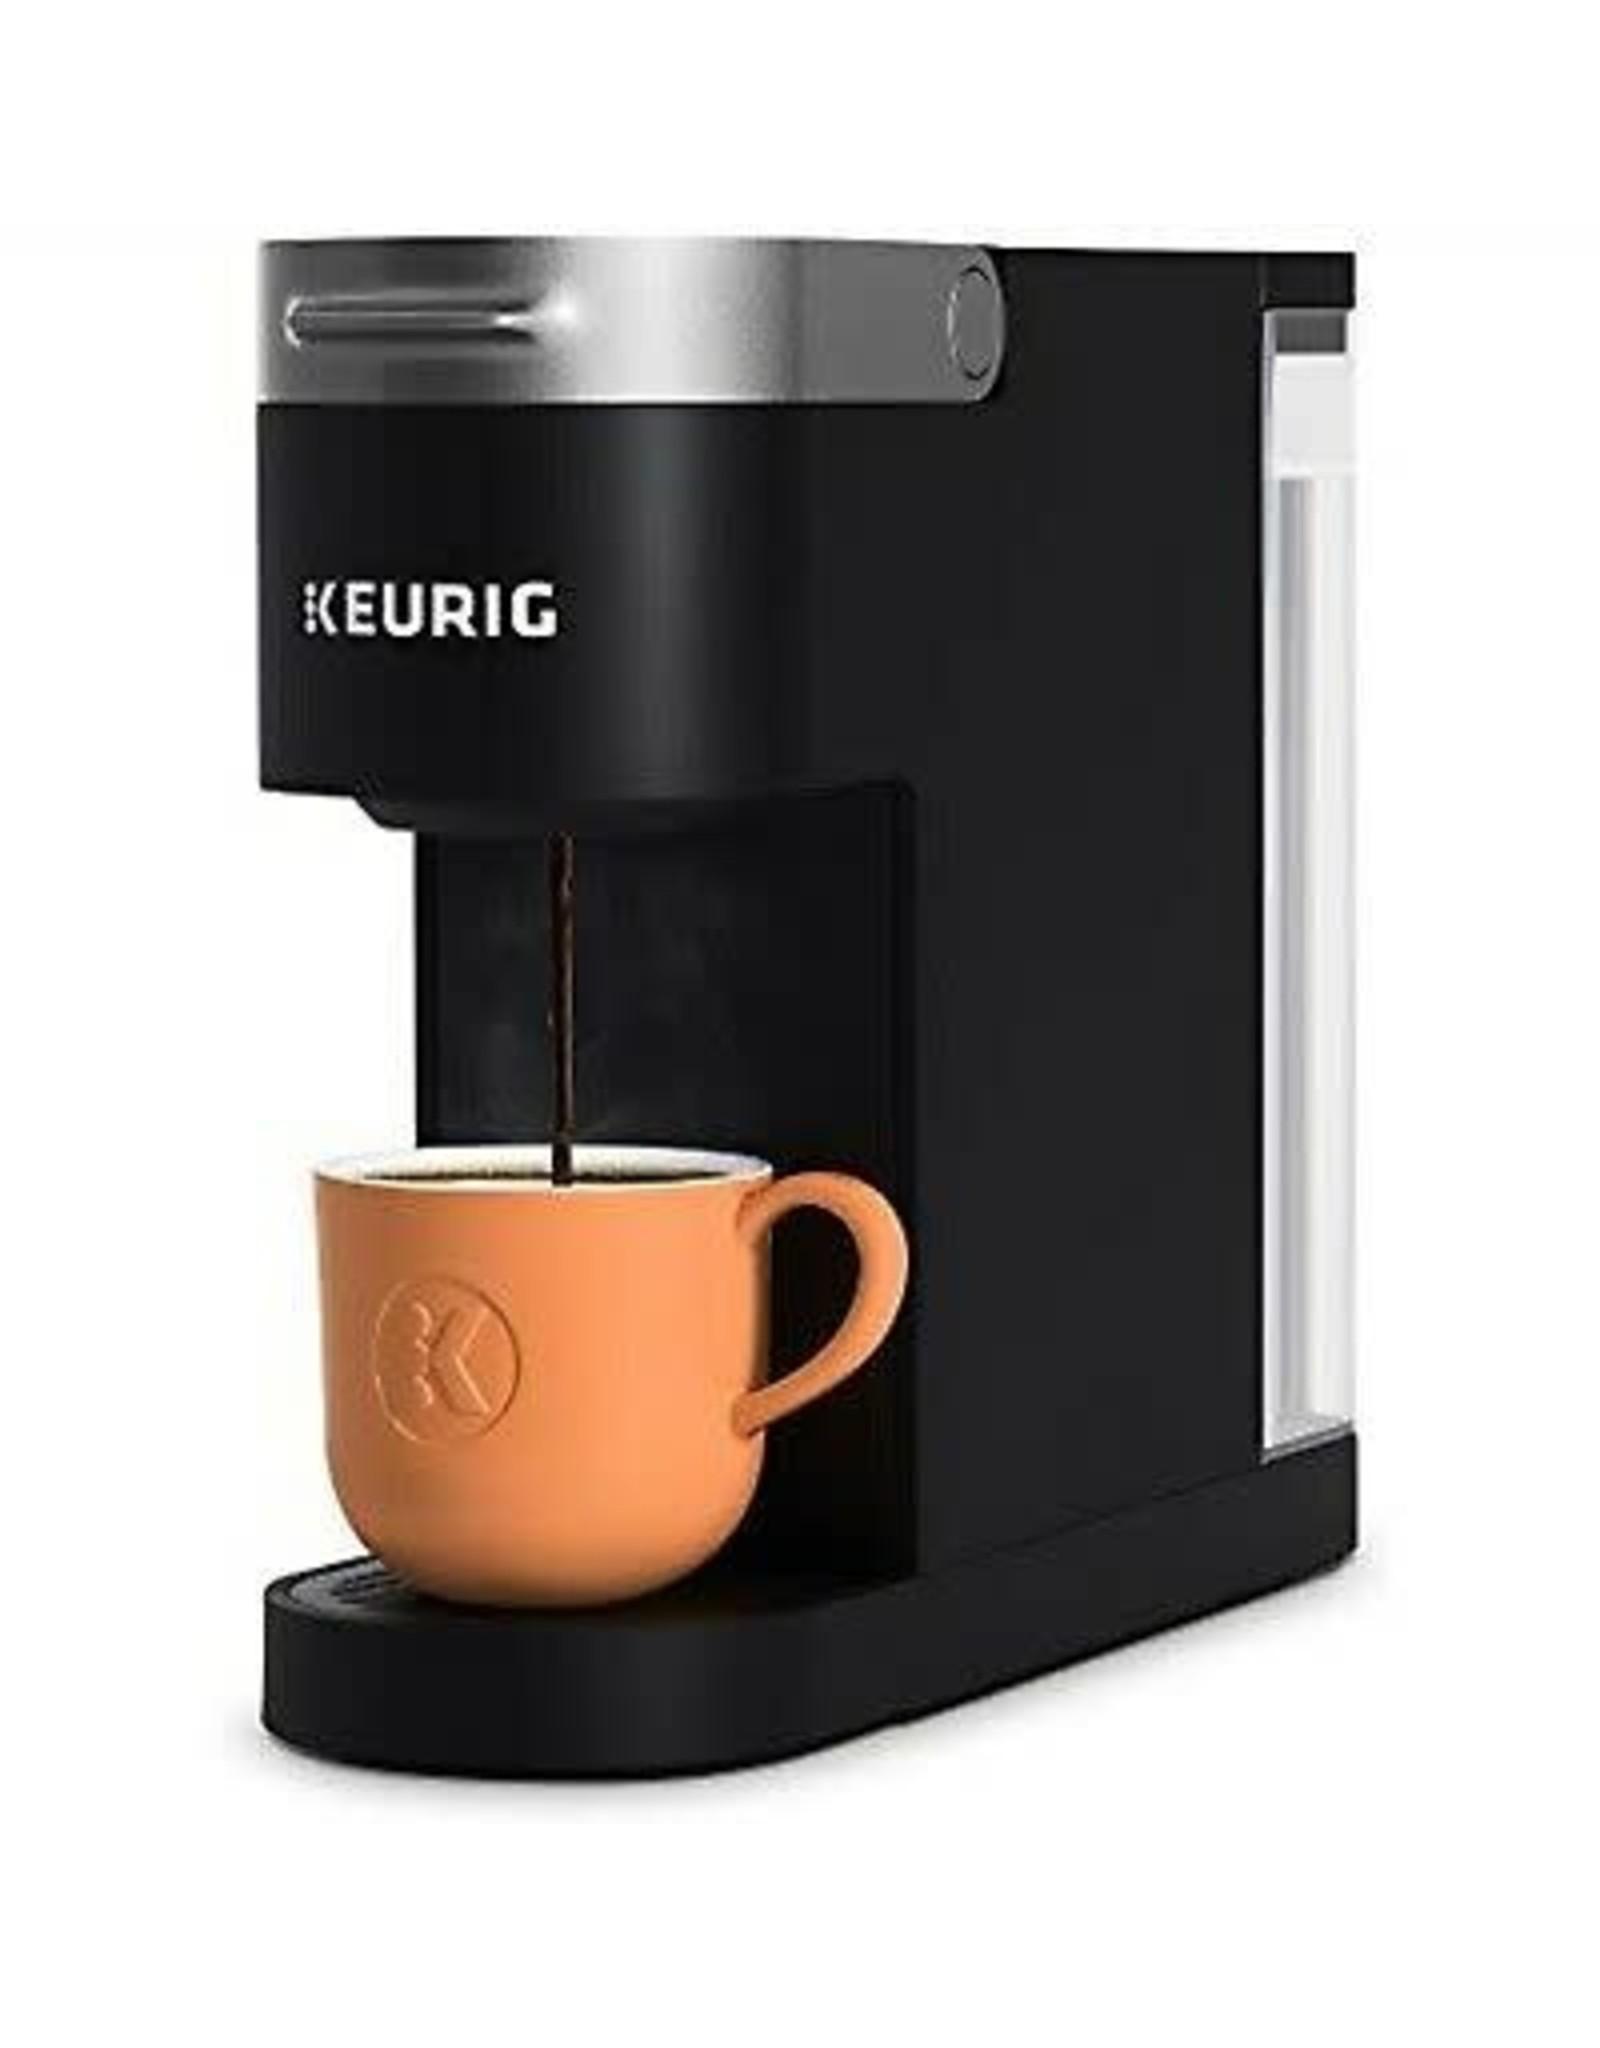 keurig 5000350119 Keurig - K-Slim Single-Serve K-Cup Pod Coffee Maker - Black